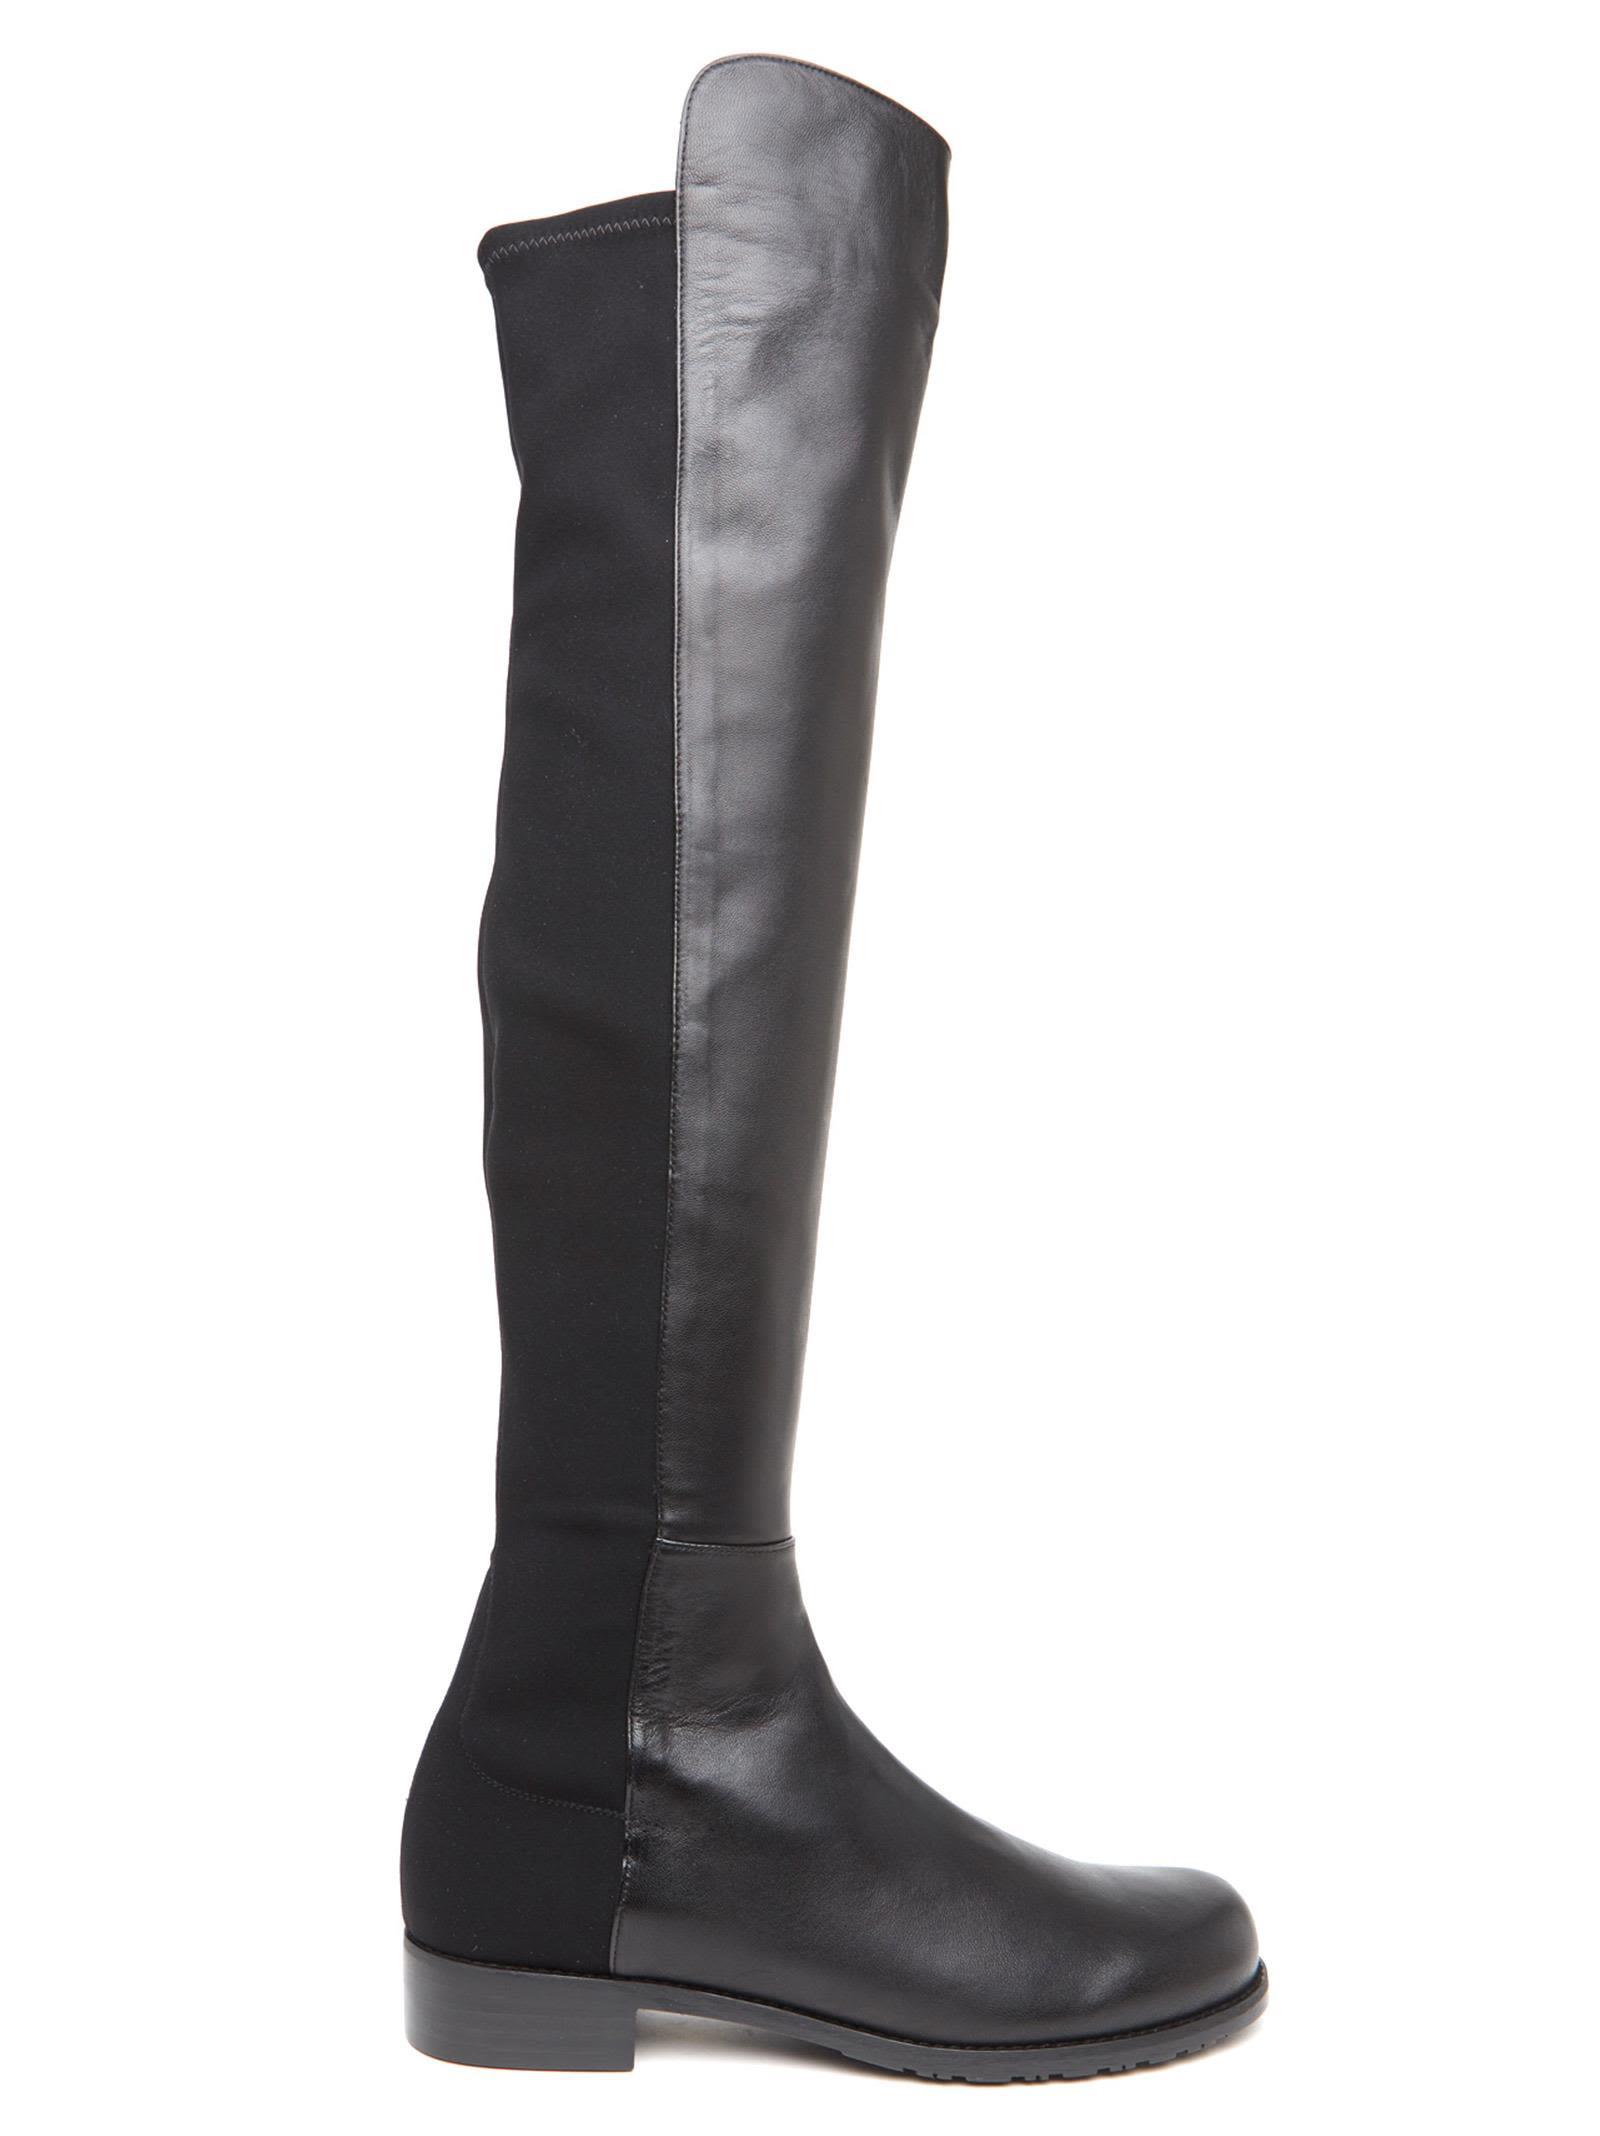 '5050' Shoes, Black